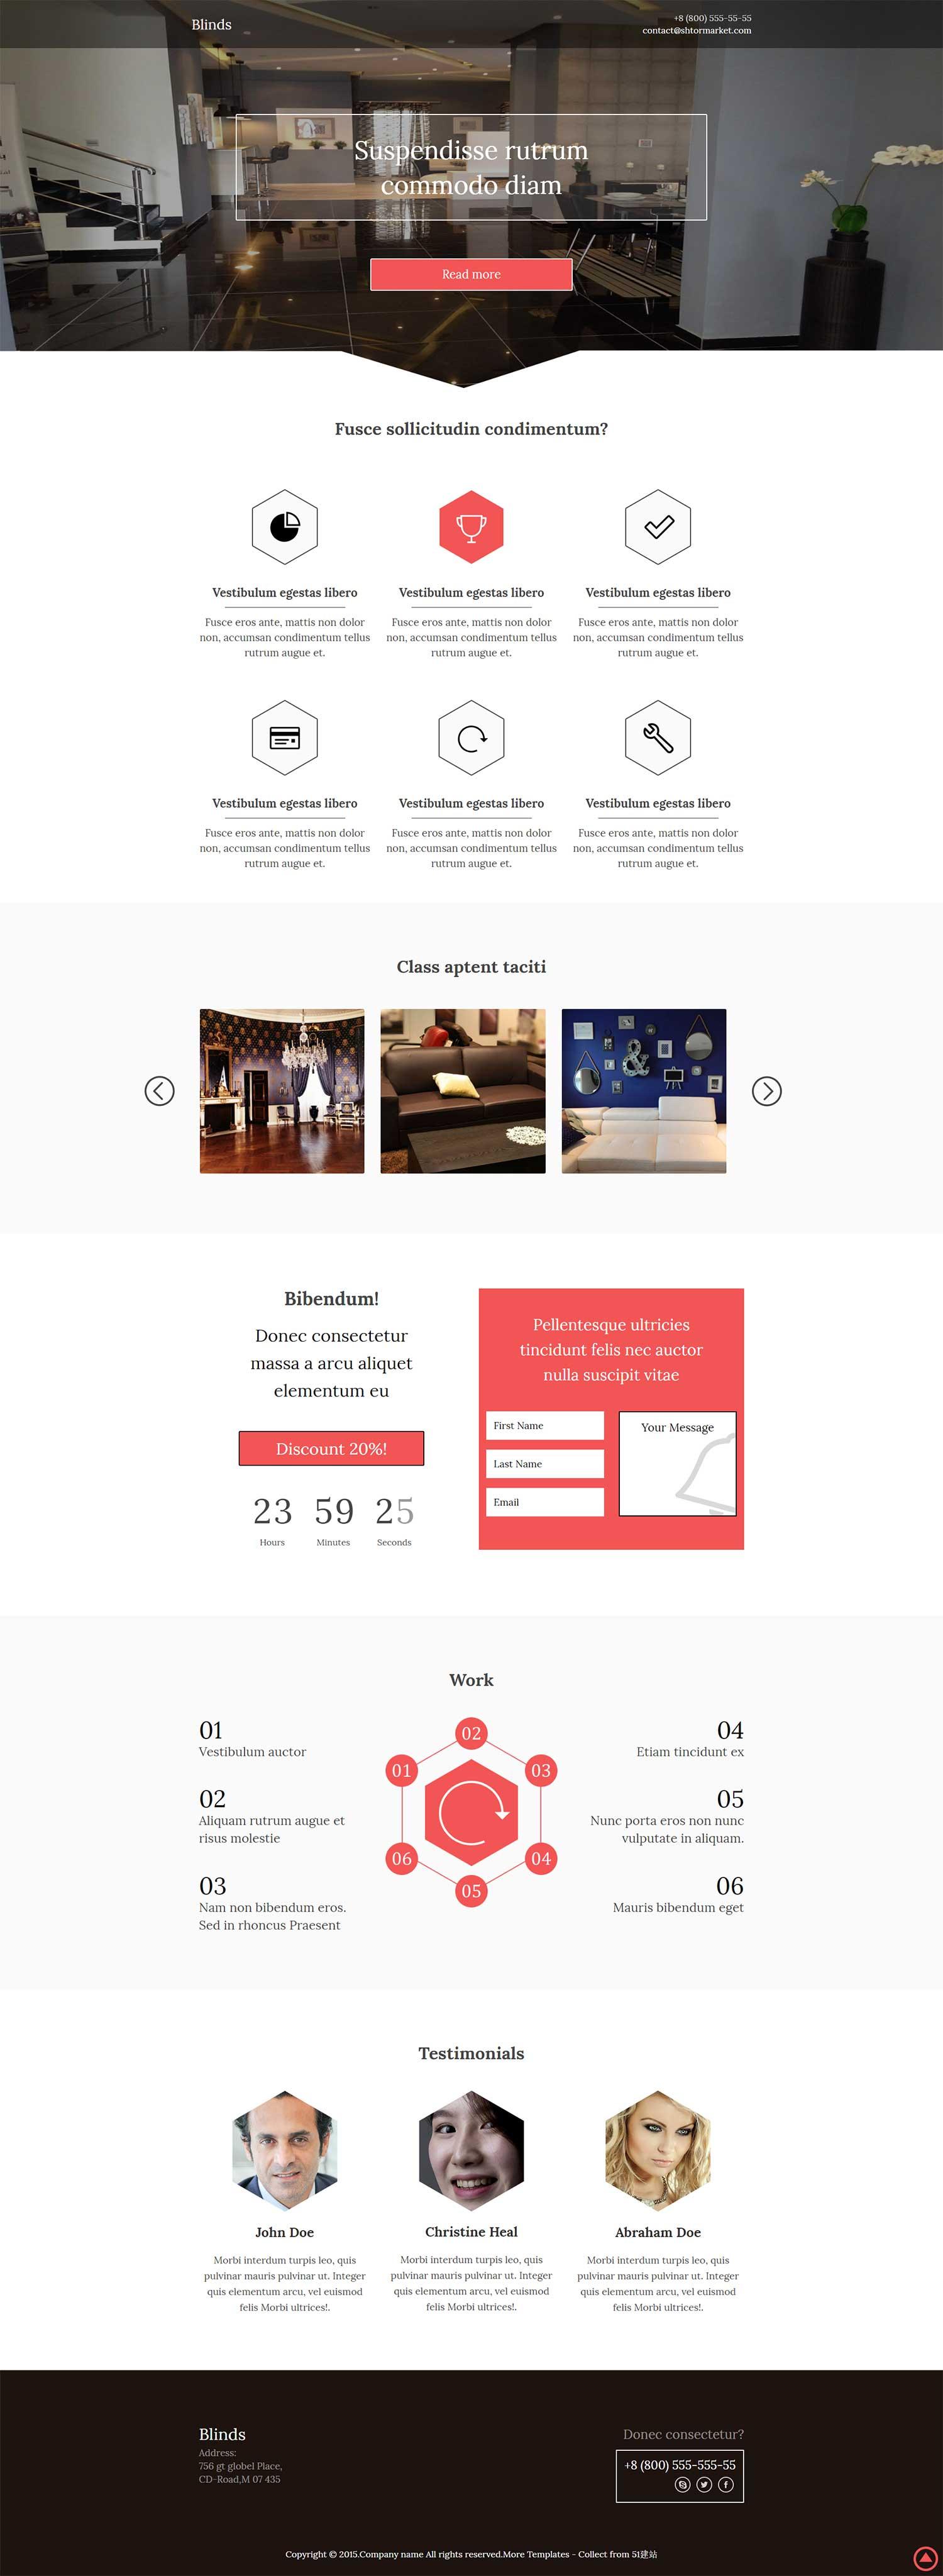 创意室内设计工作室官网响应式模板